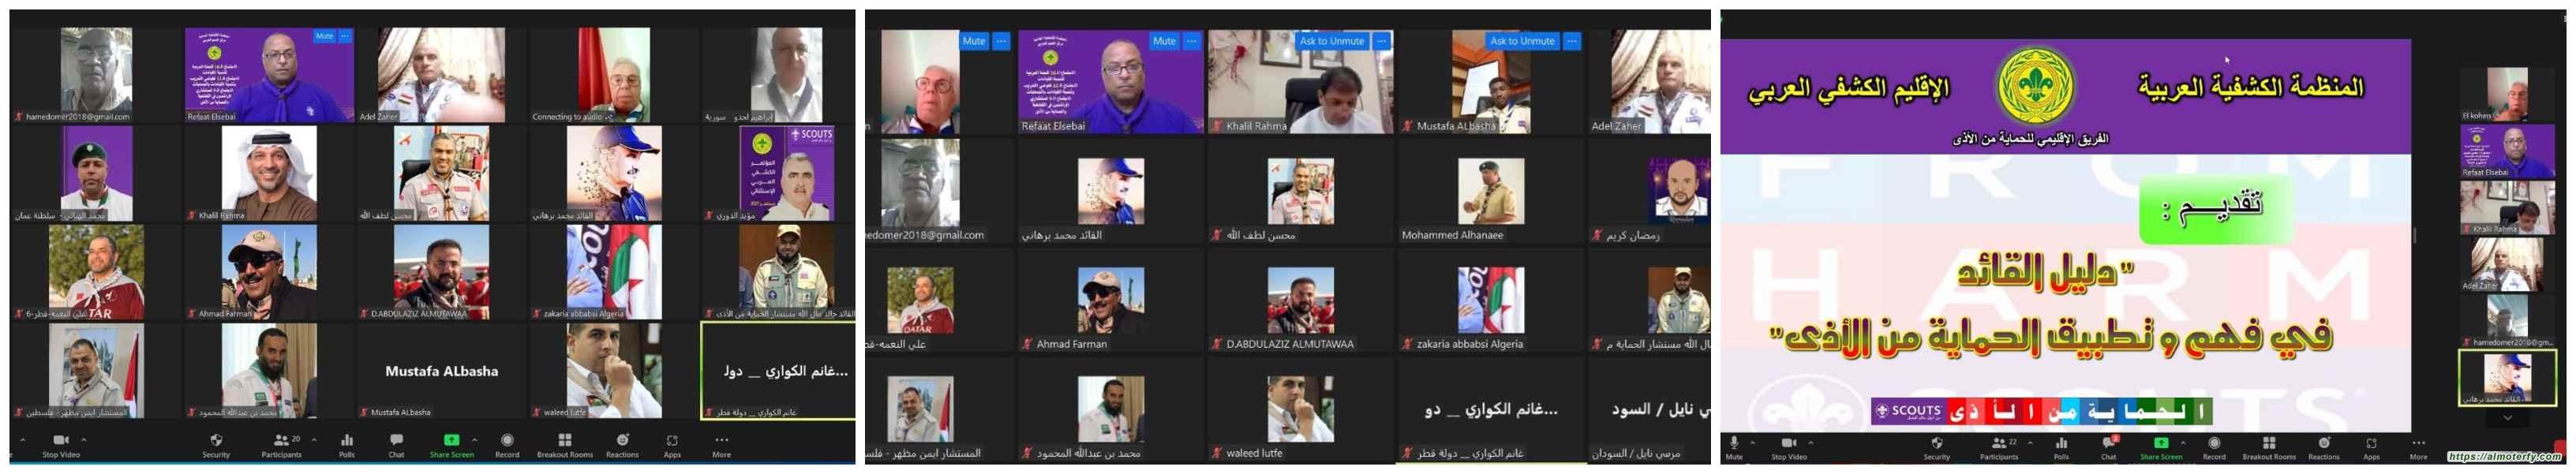 اللجنة الكشفية العربية لتنمية القيادات تجتمع وتُقر عددٍ من التوصيات